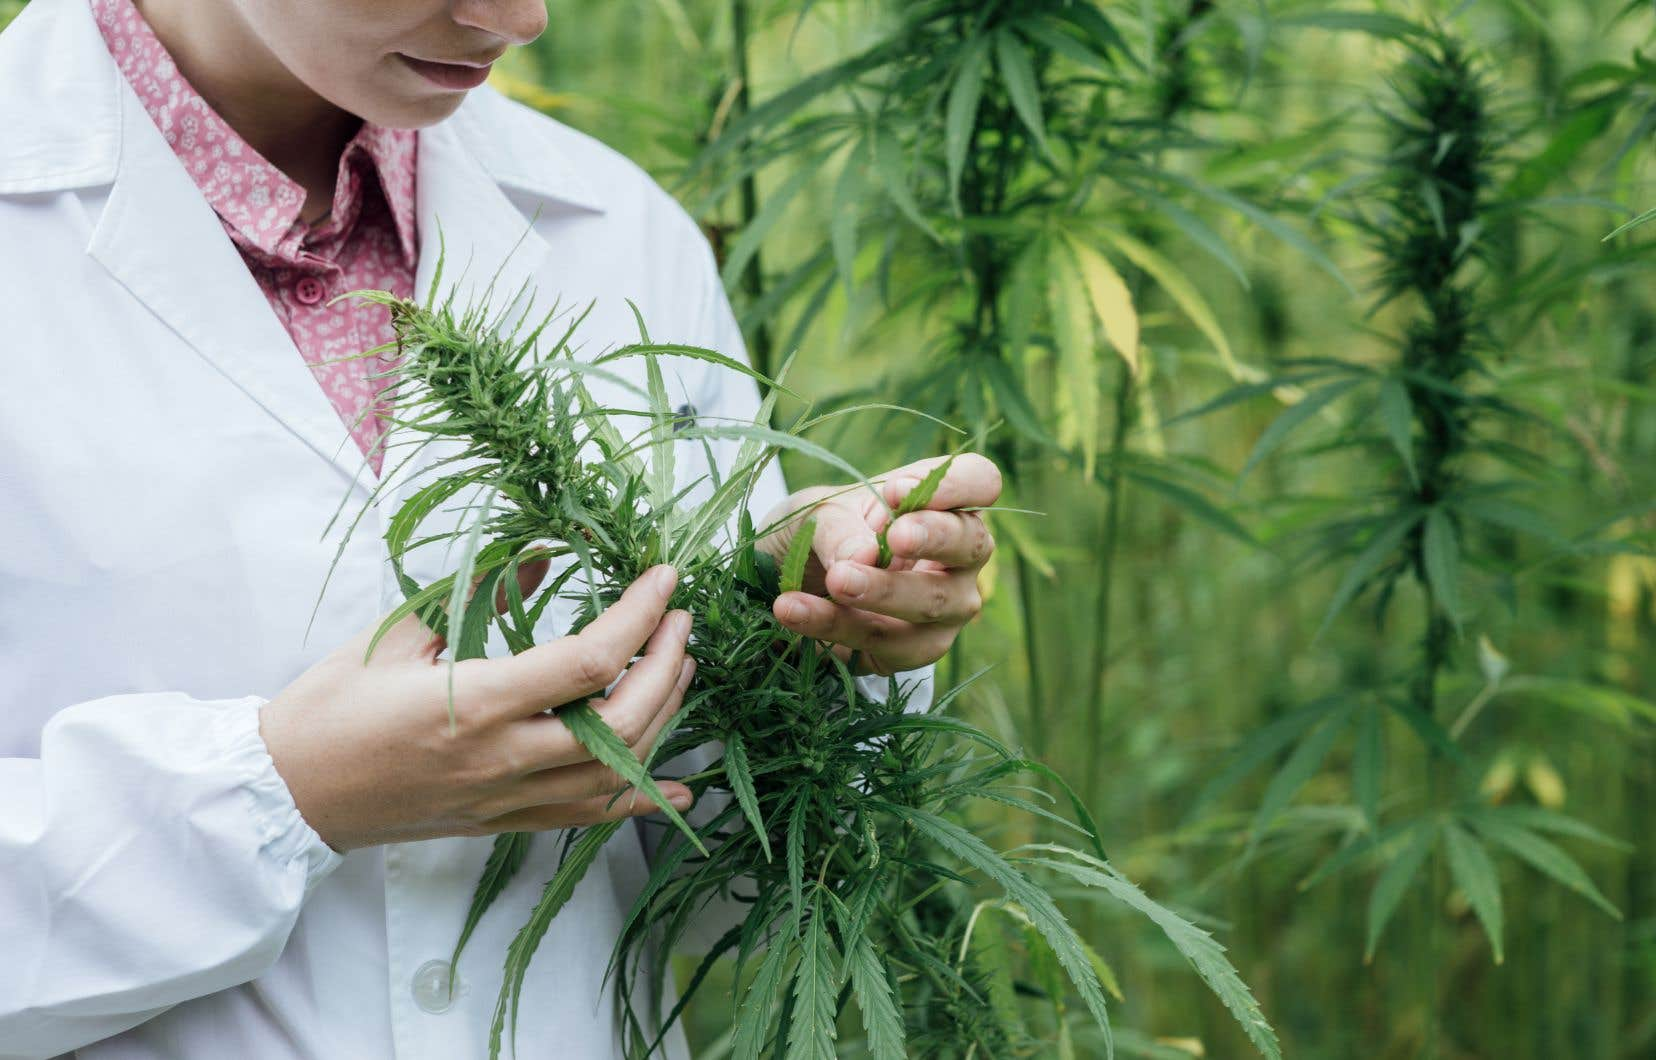 Santé Canada promet d'étudier la possibilité d'adopter «d'autres mesures» pour éviter que le crime organisé infiltre la production de cannabis.